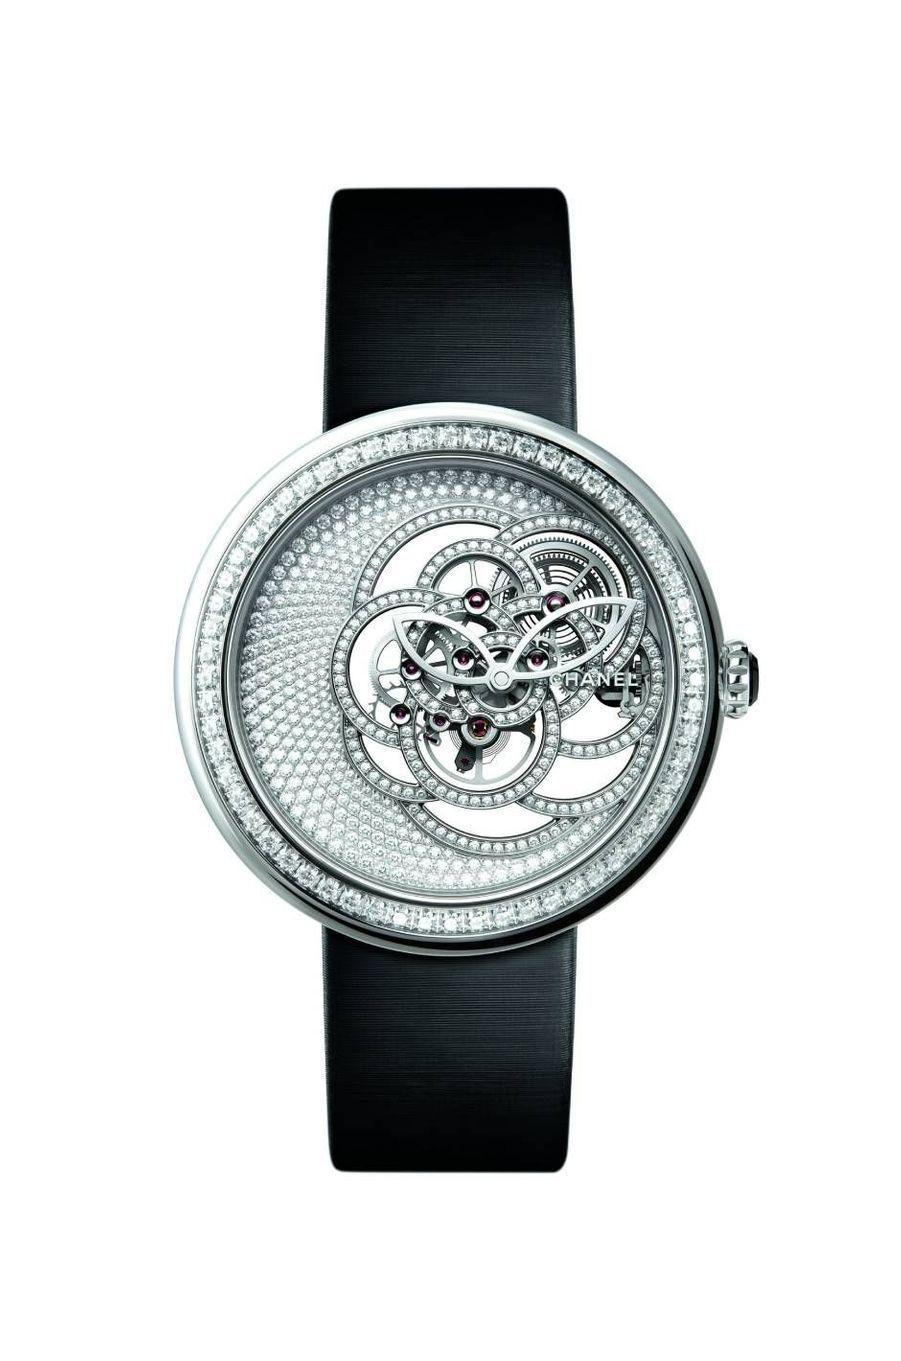 Mademoiselle Privé en or blanc et diamants, mouvement squelette en forme de camélia à remontage manuel. Chanel Horlogerie, 115 000 €.